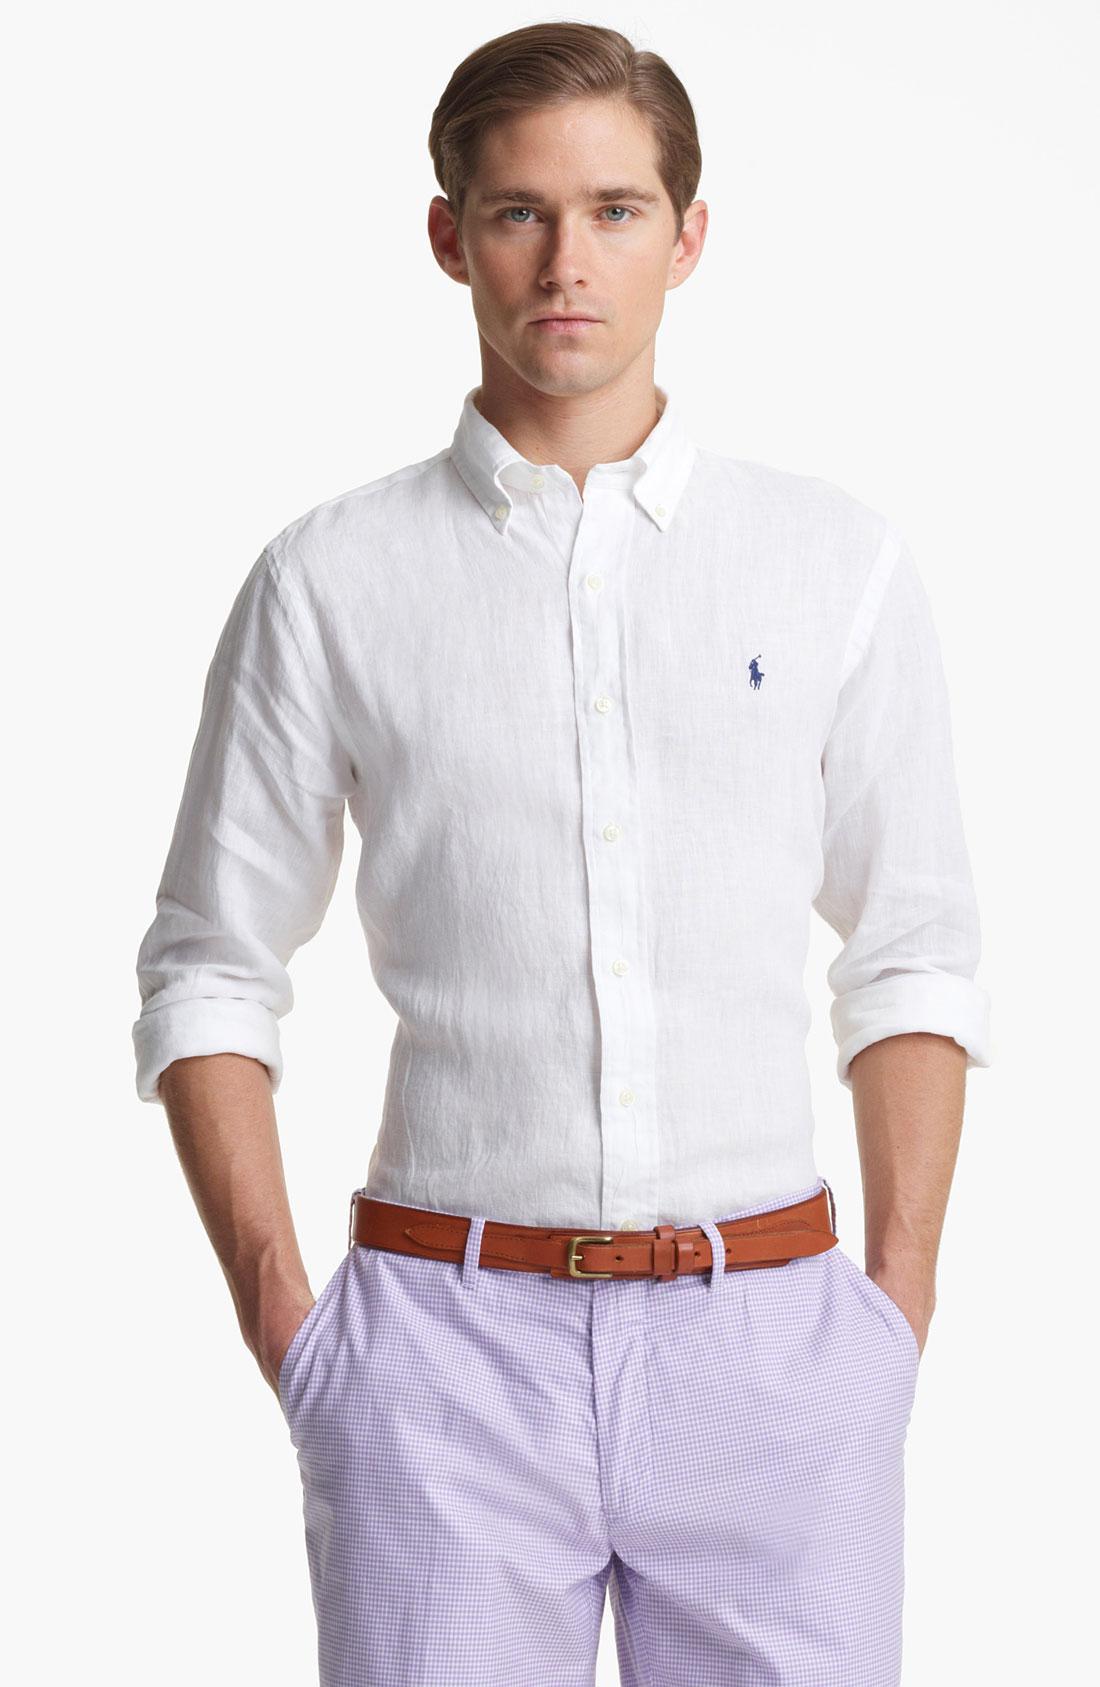 Polo ralph lauren custom fit linen sport shirt in white for Custom made sport shirts